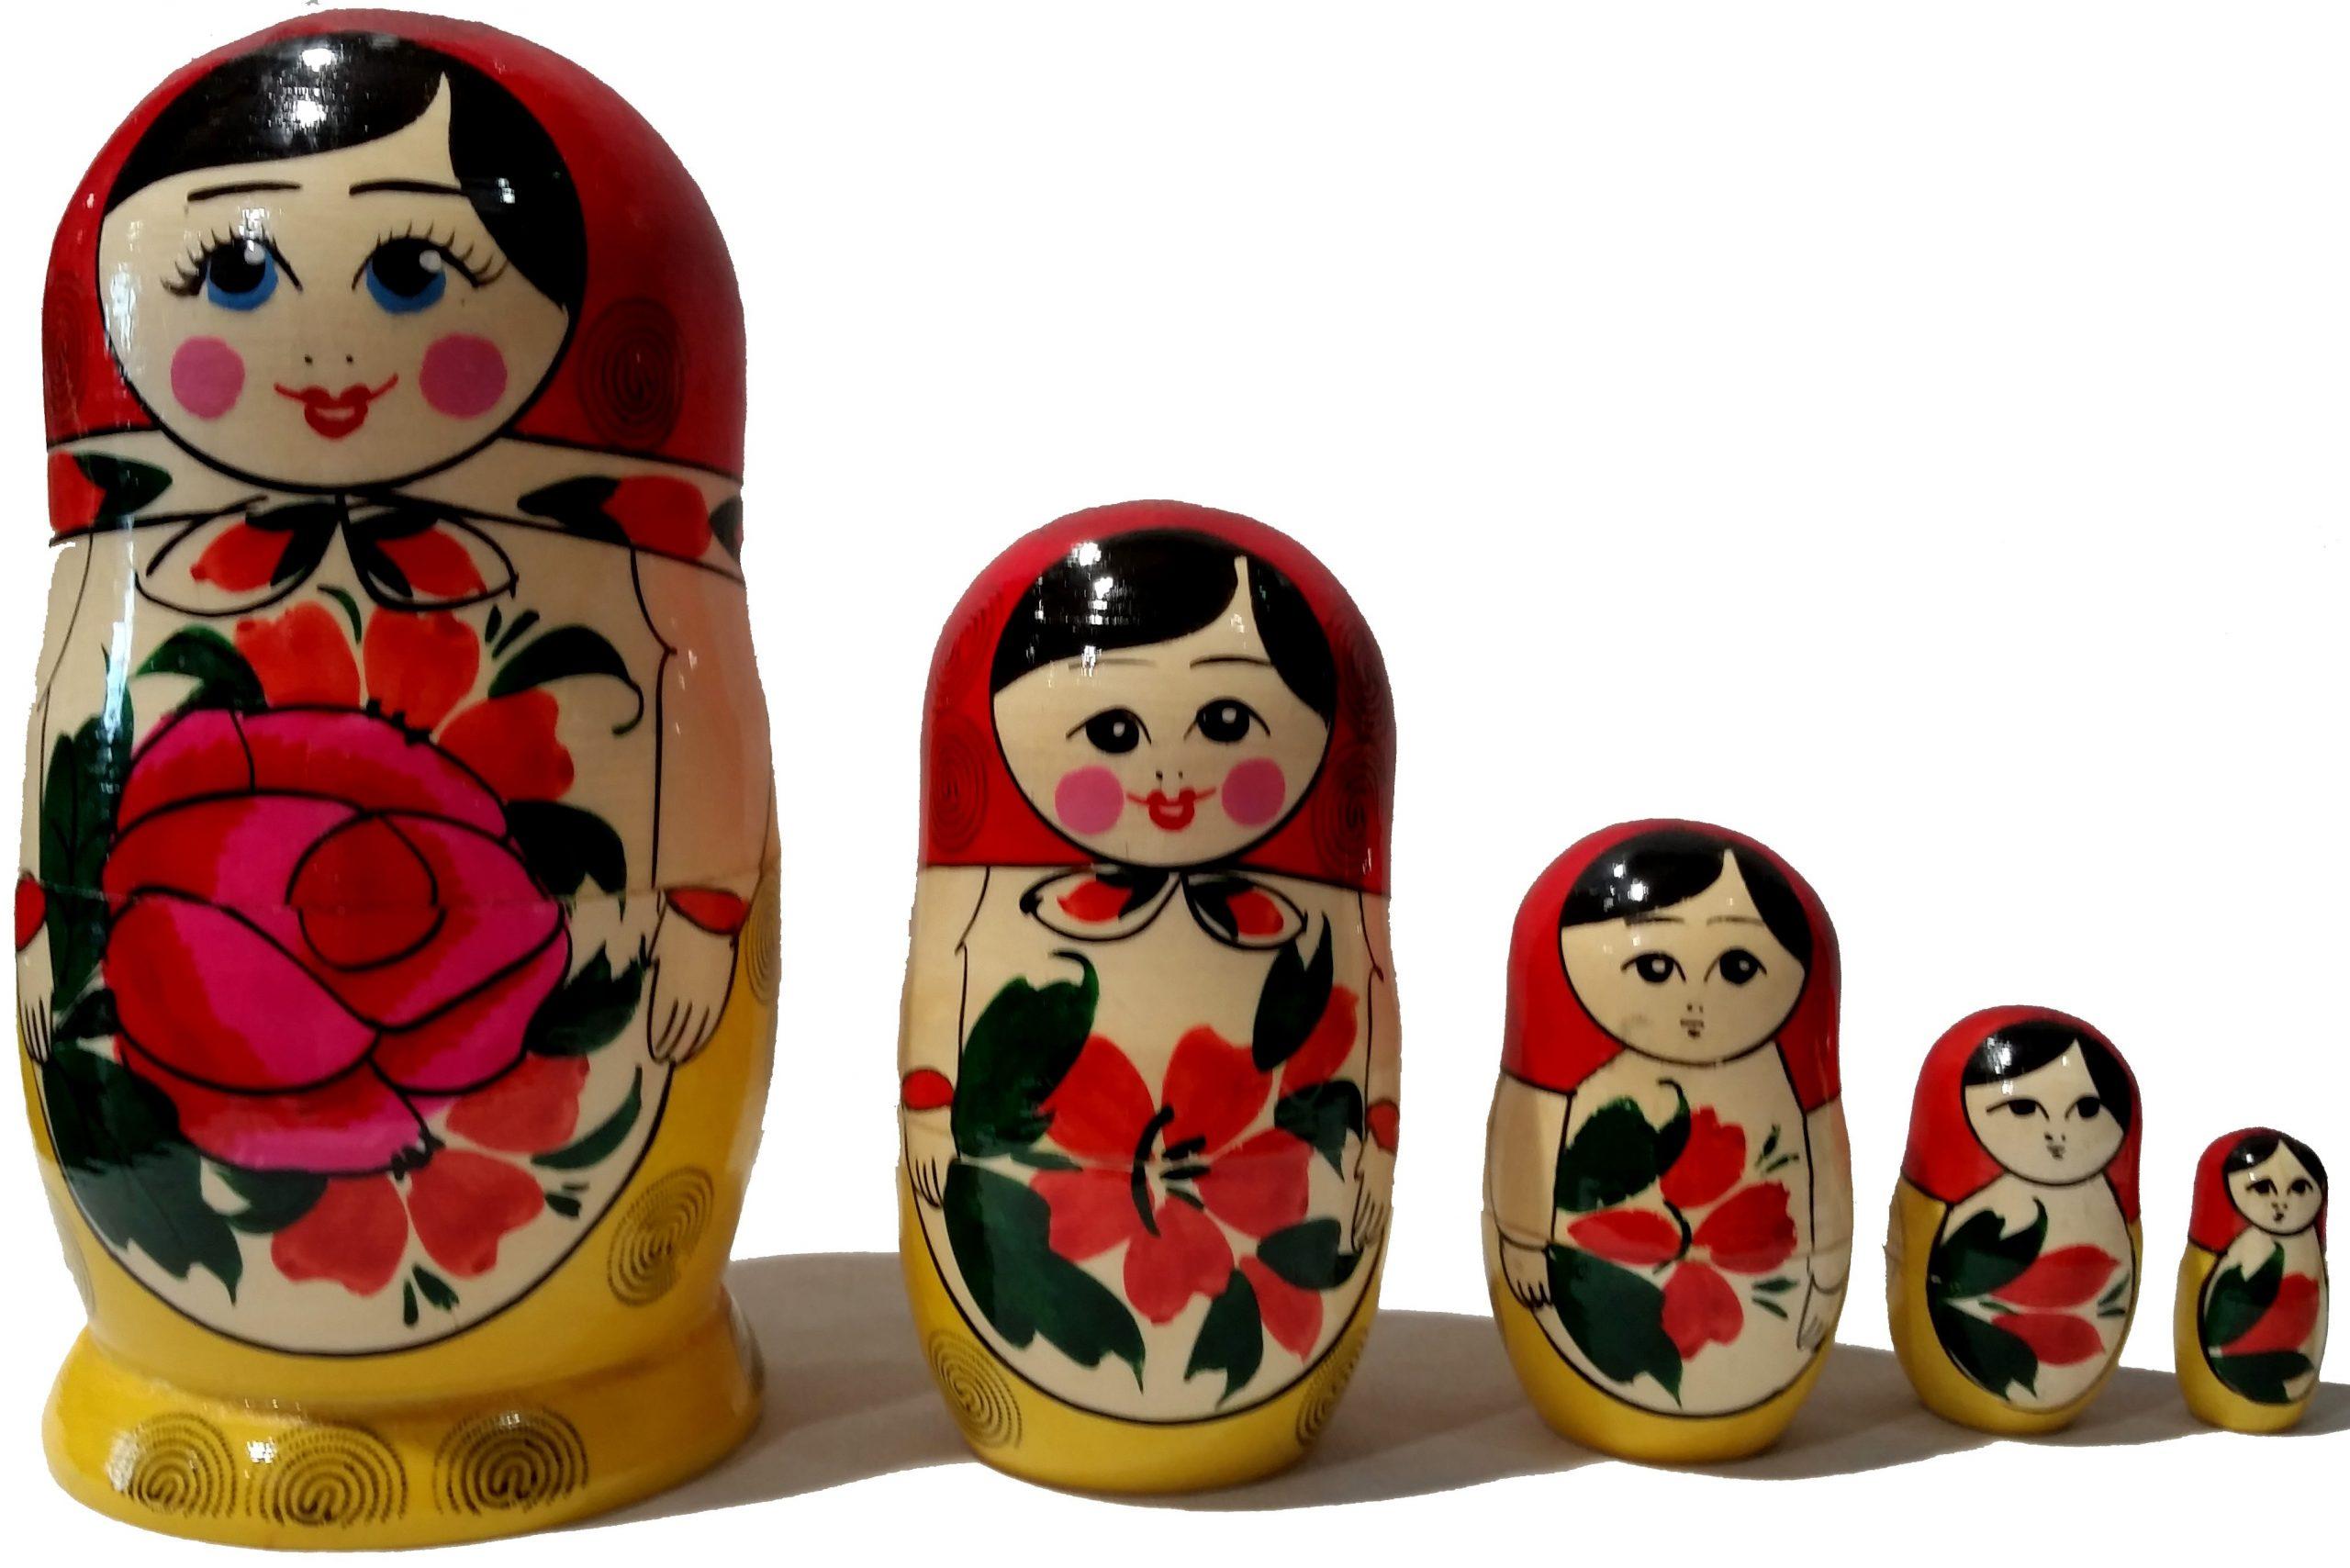 Poupée Russe Traditionnelle - Tendance Russe tout Nom Poupée Russe